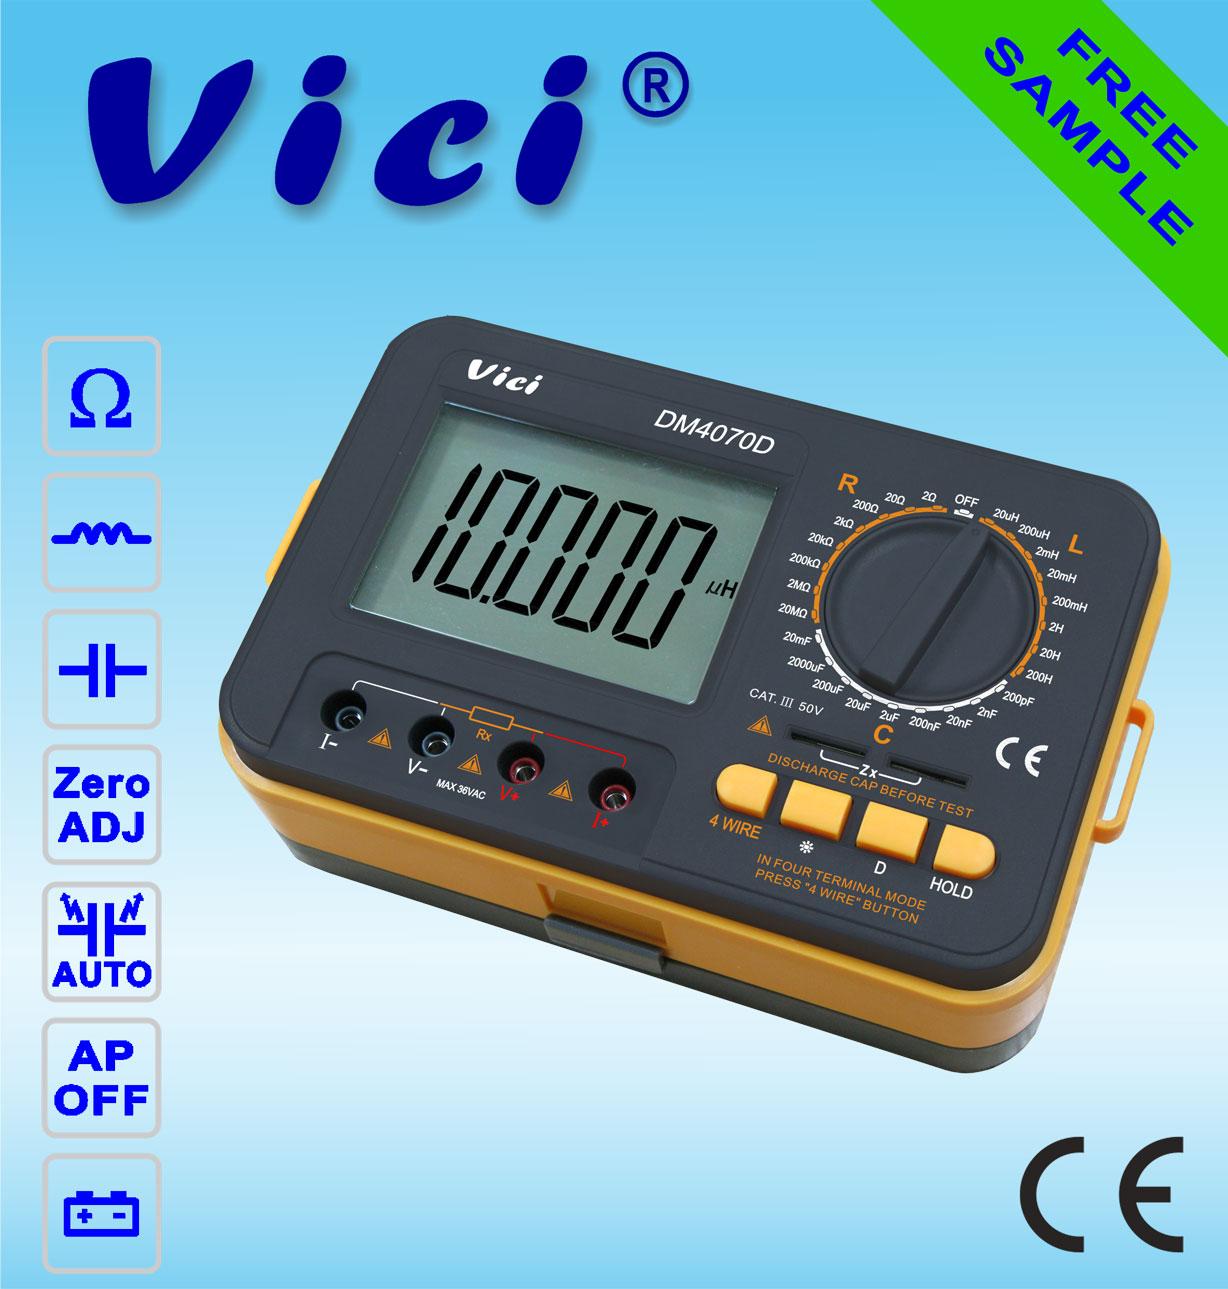 DM4070D   4 1/2 Digital LCR Meter